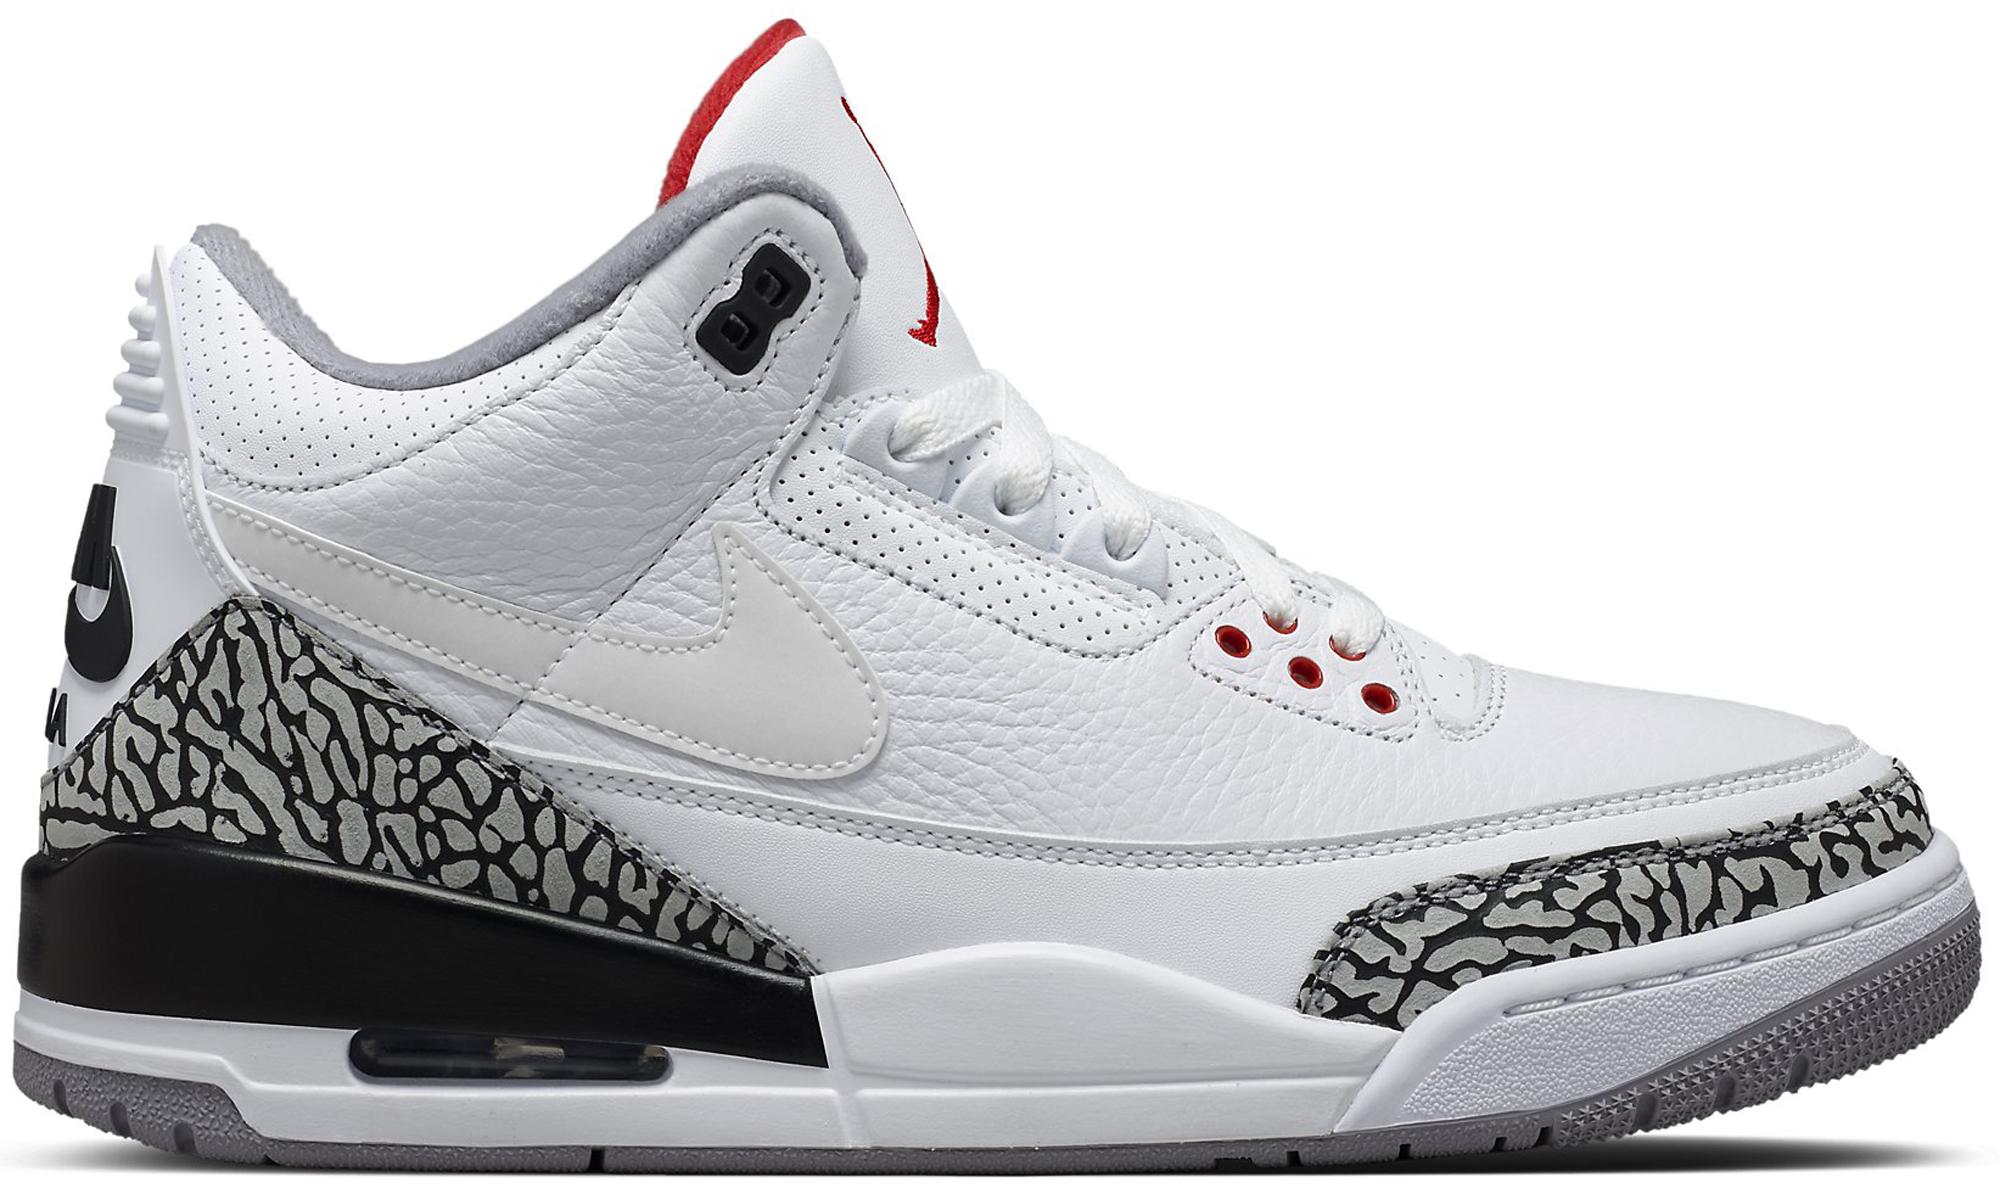 comprar barato tumblr Air Jordan 3 X J De Descuento realmente toma u6PYIn85m